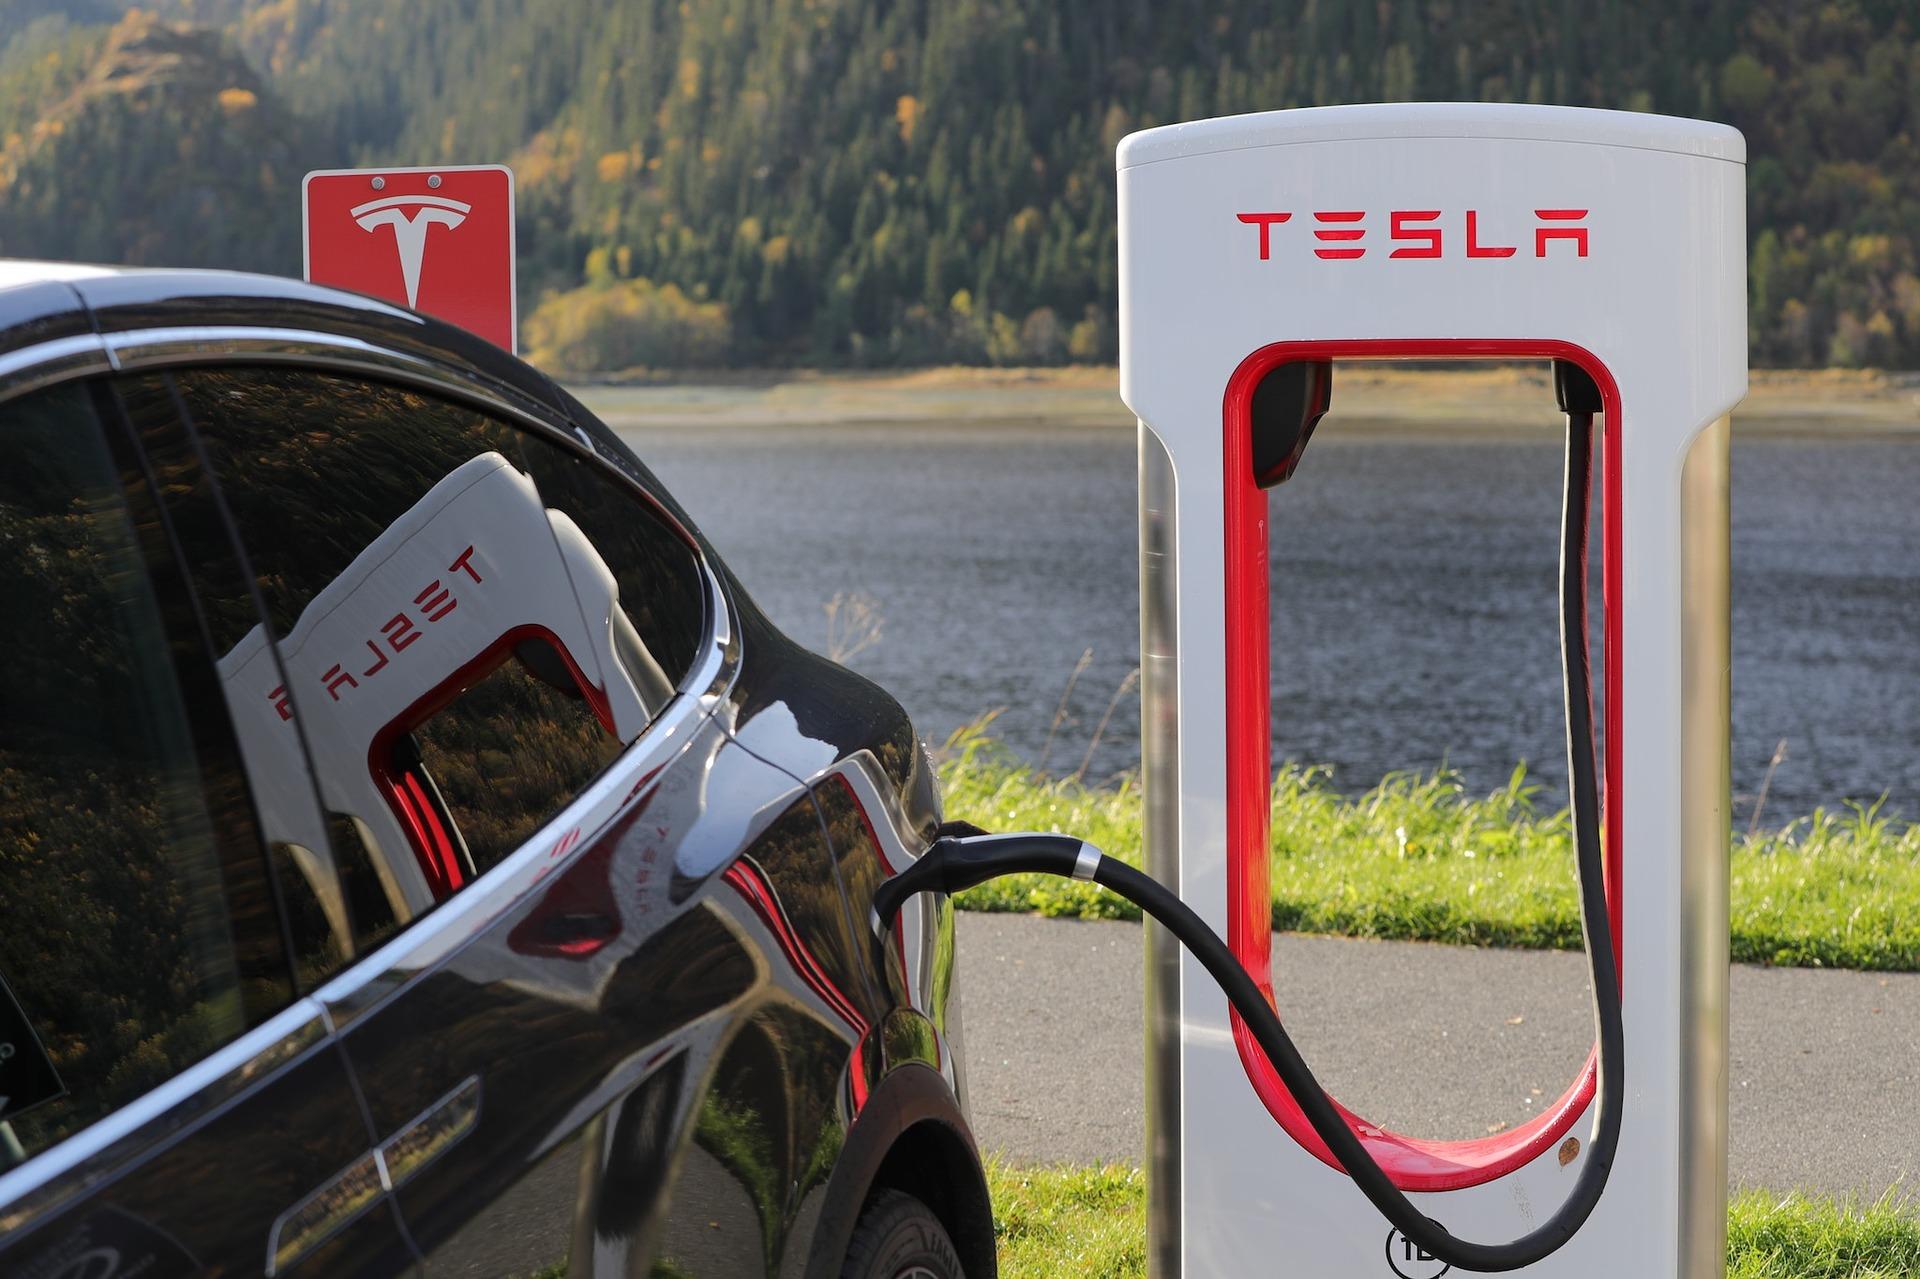 Aggiornamento sulla Detrazione per infrastrutture di ricarica per i veicoli elettrici.